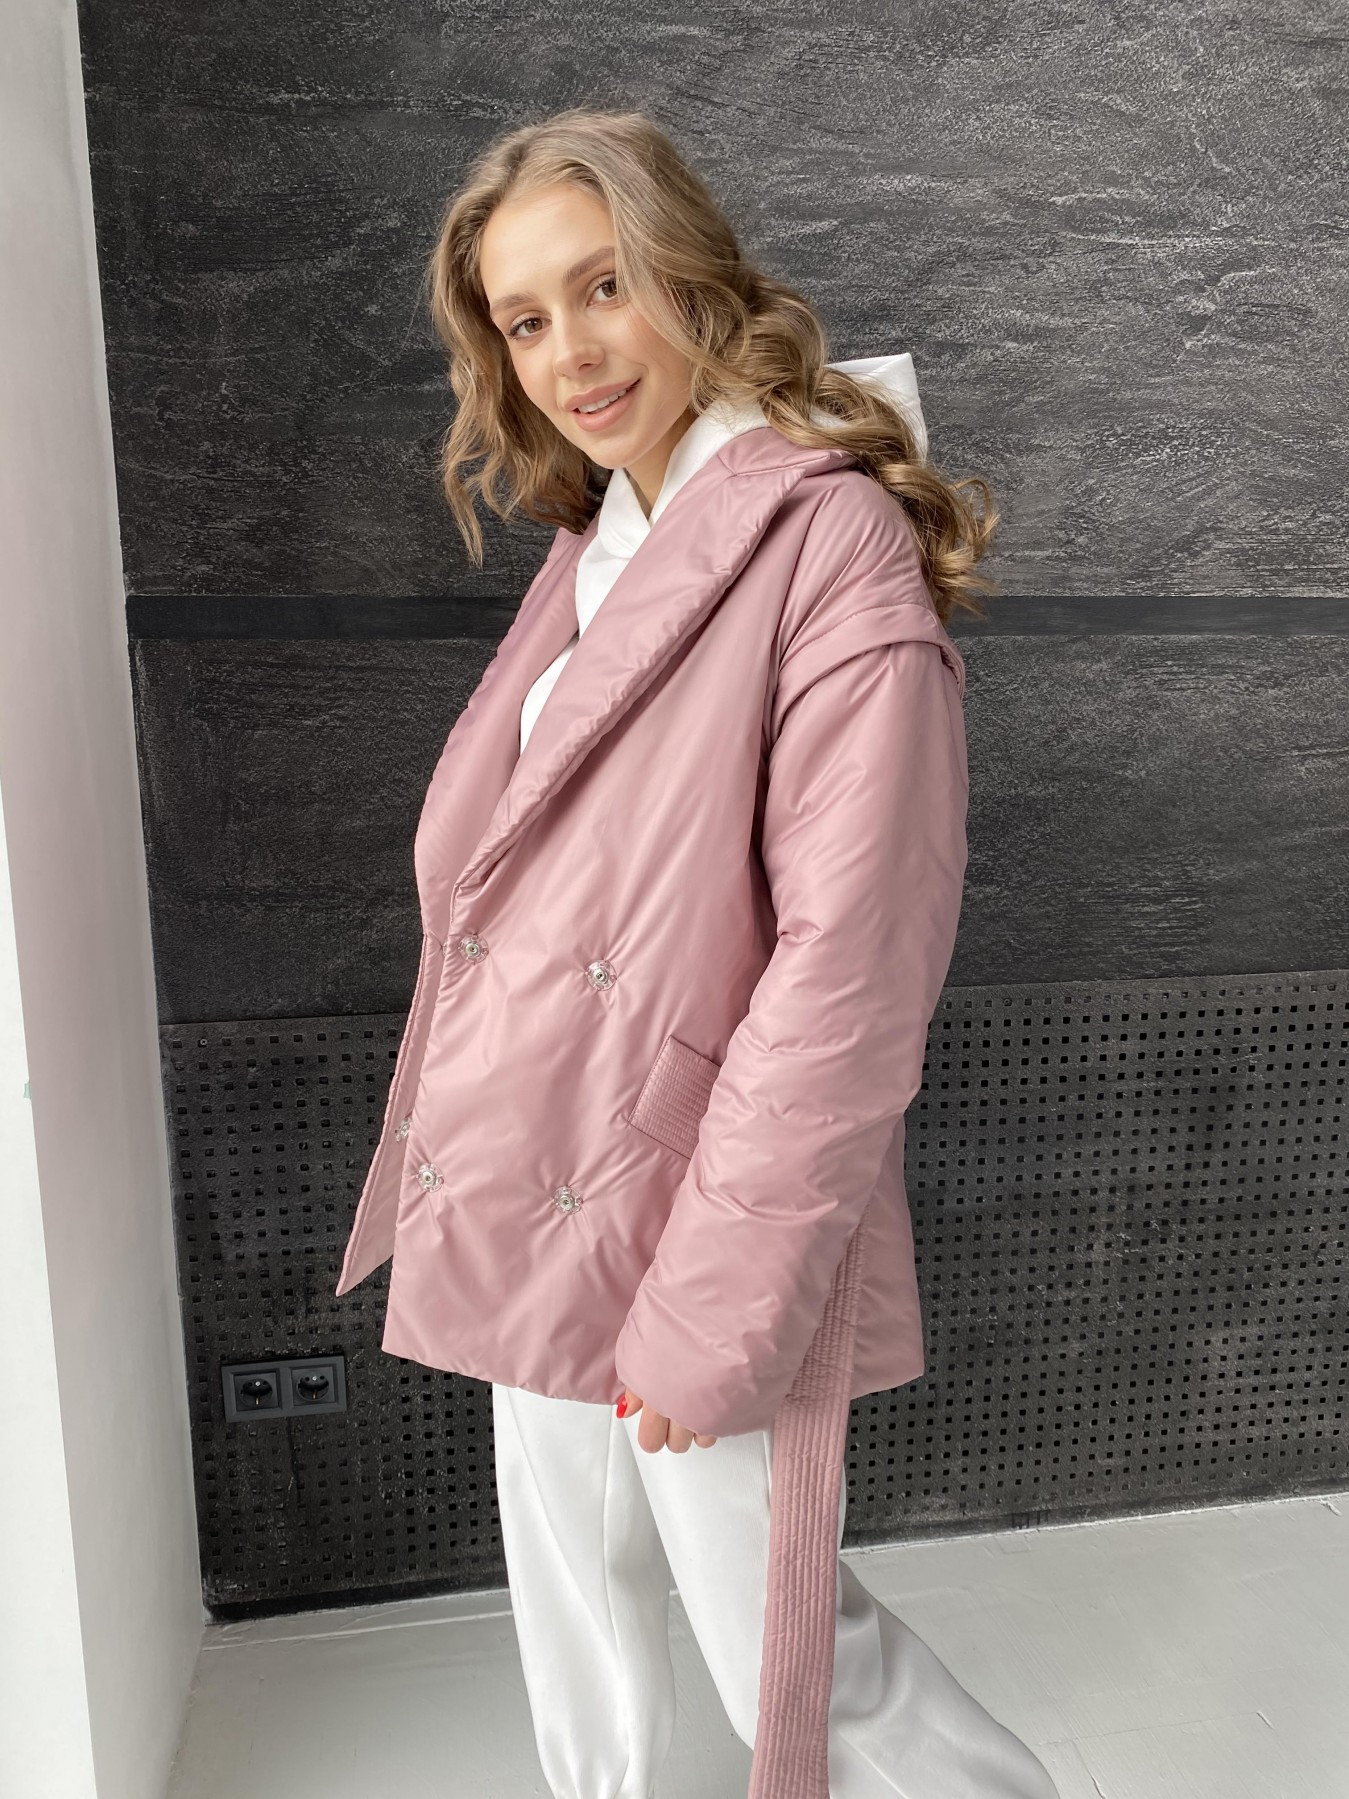 Форбс куртка из плащевой ткани 10986 АРТ. 47477 Цвет: Пудра - фото 1, интернет магазин tm-modus.ru